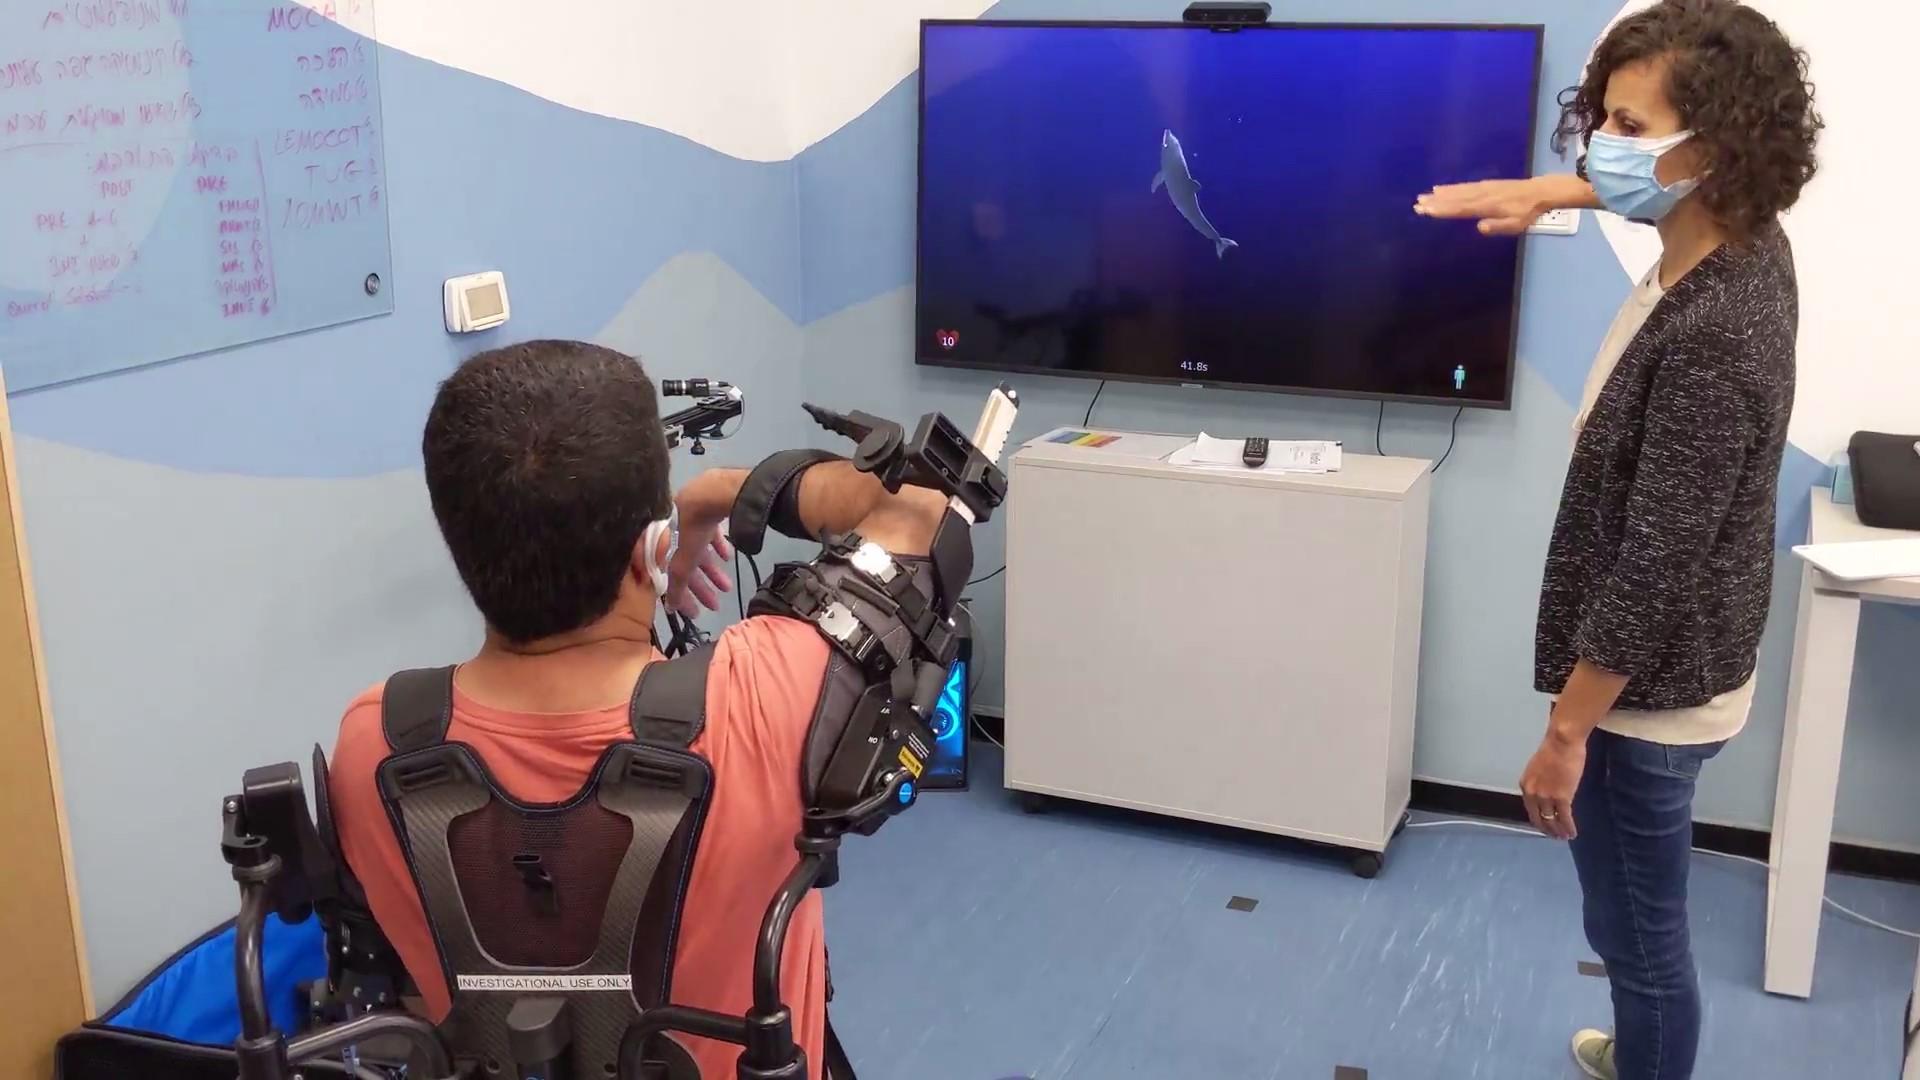 פיזיותרפיה עם הדמיה אלקטרונית Physiotherapy using electronic imaging